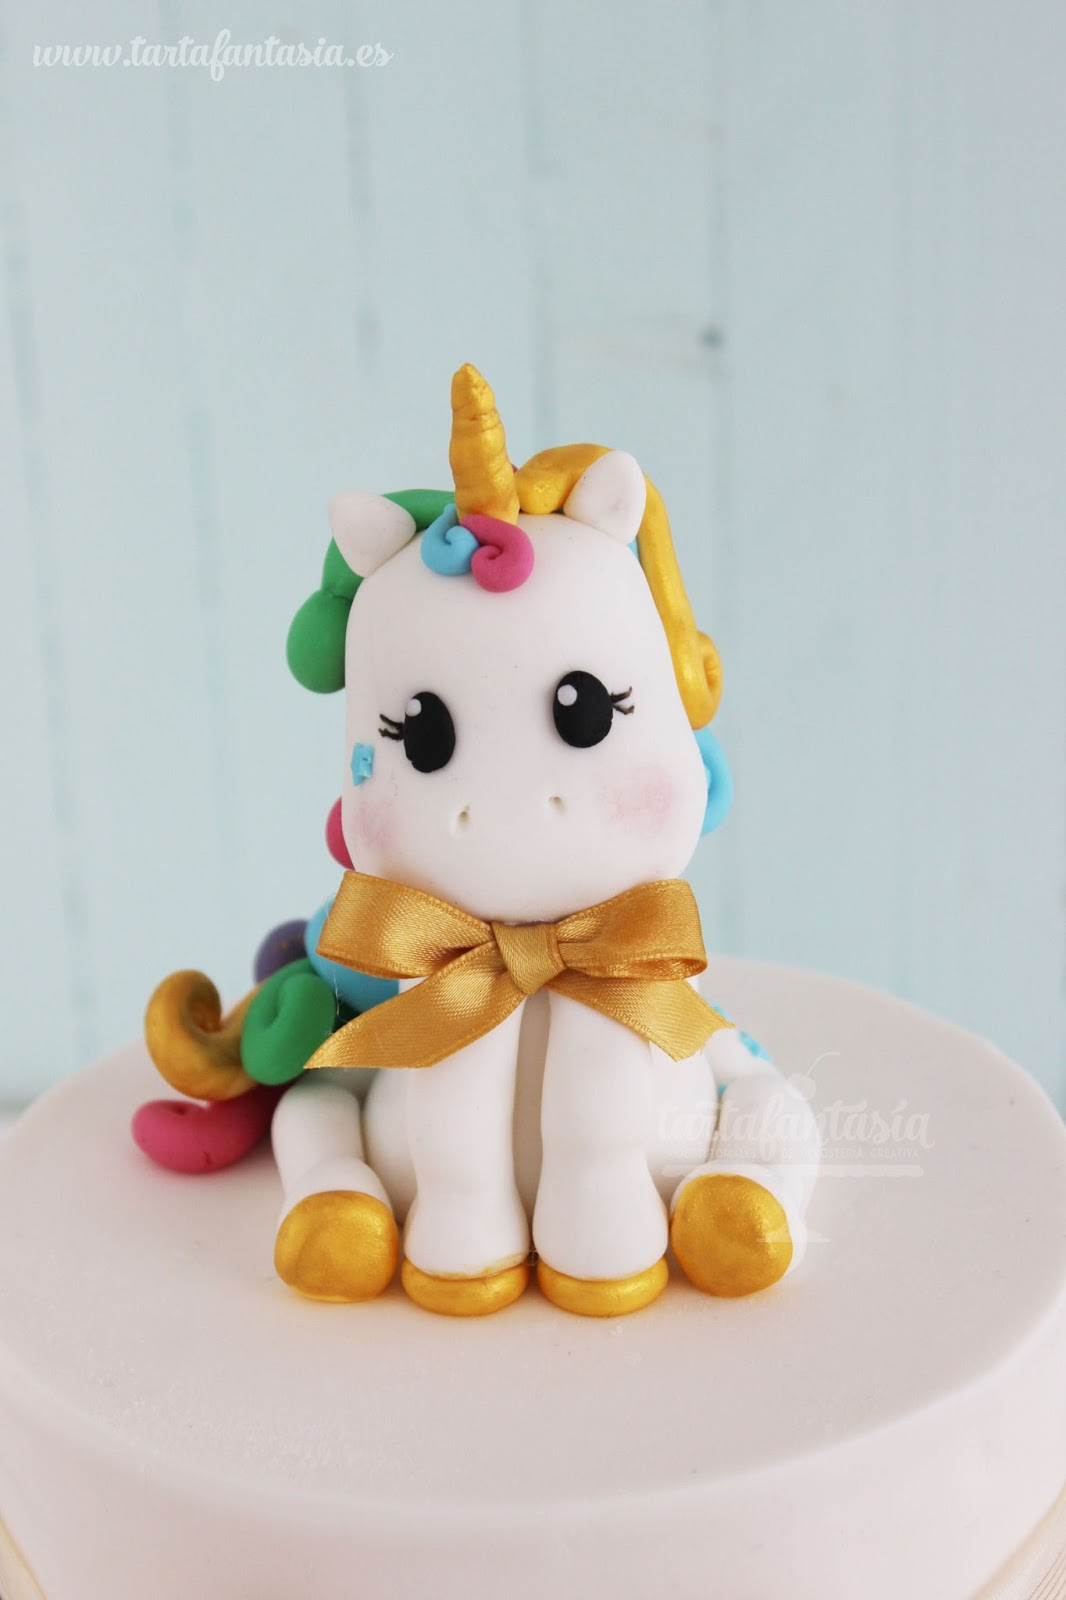 Unicornio De Fondant TartaFantasa